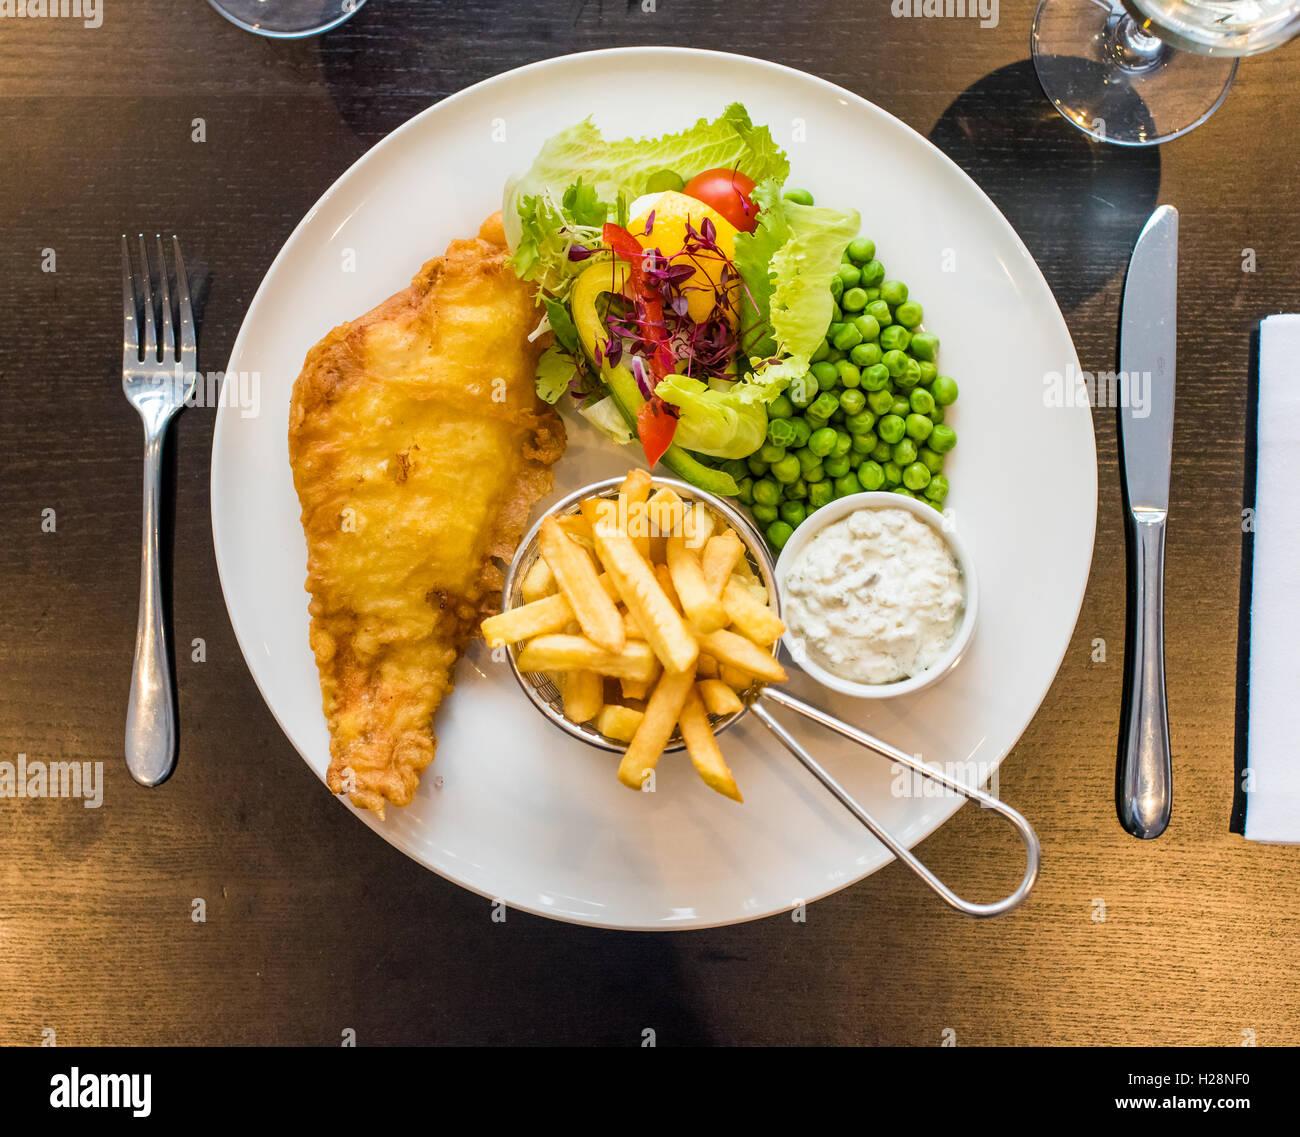 Fish and chips avec pois servi sur une assiette avec salade et sauce tartare Photo Stock